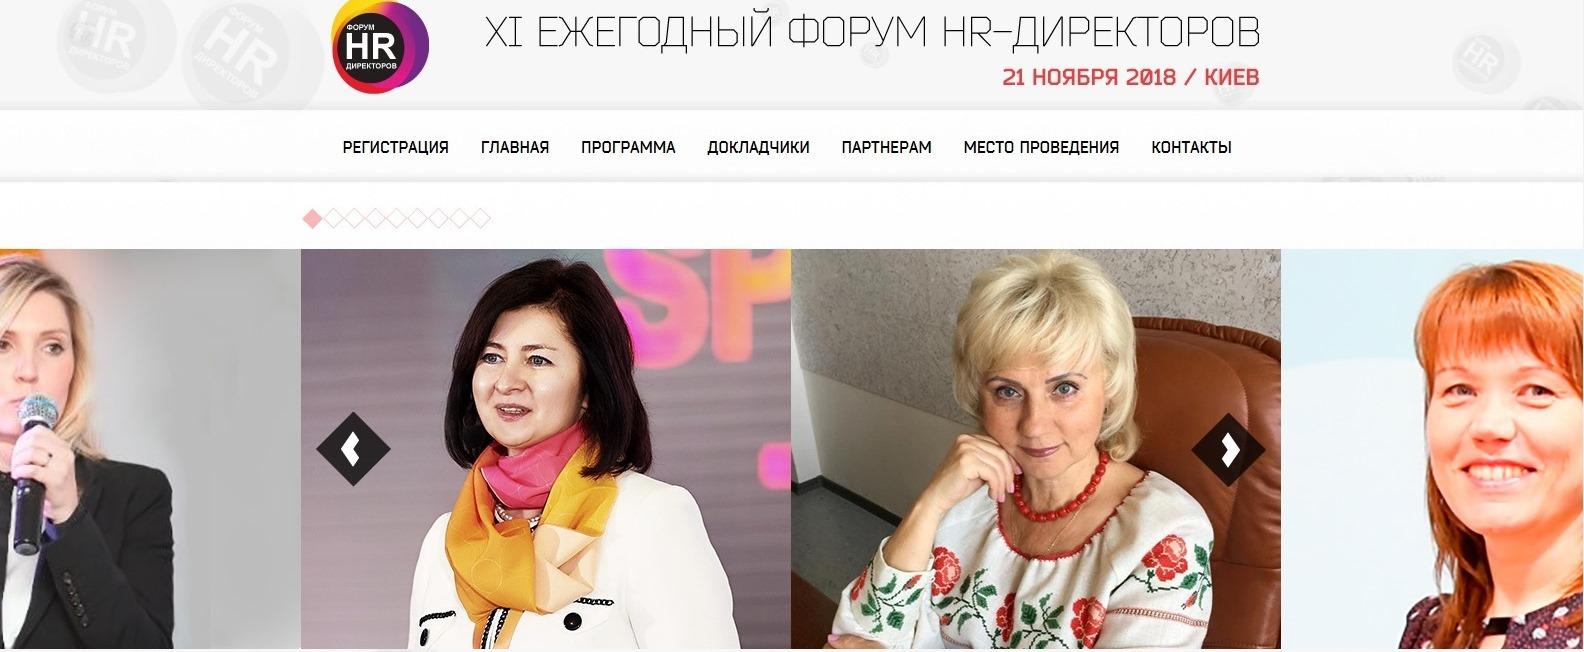 Фото XI Ежегодный HR-форум